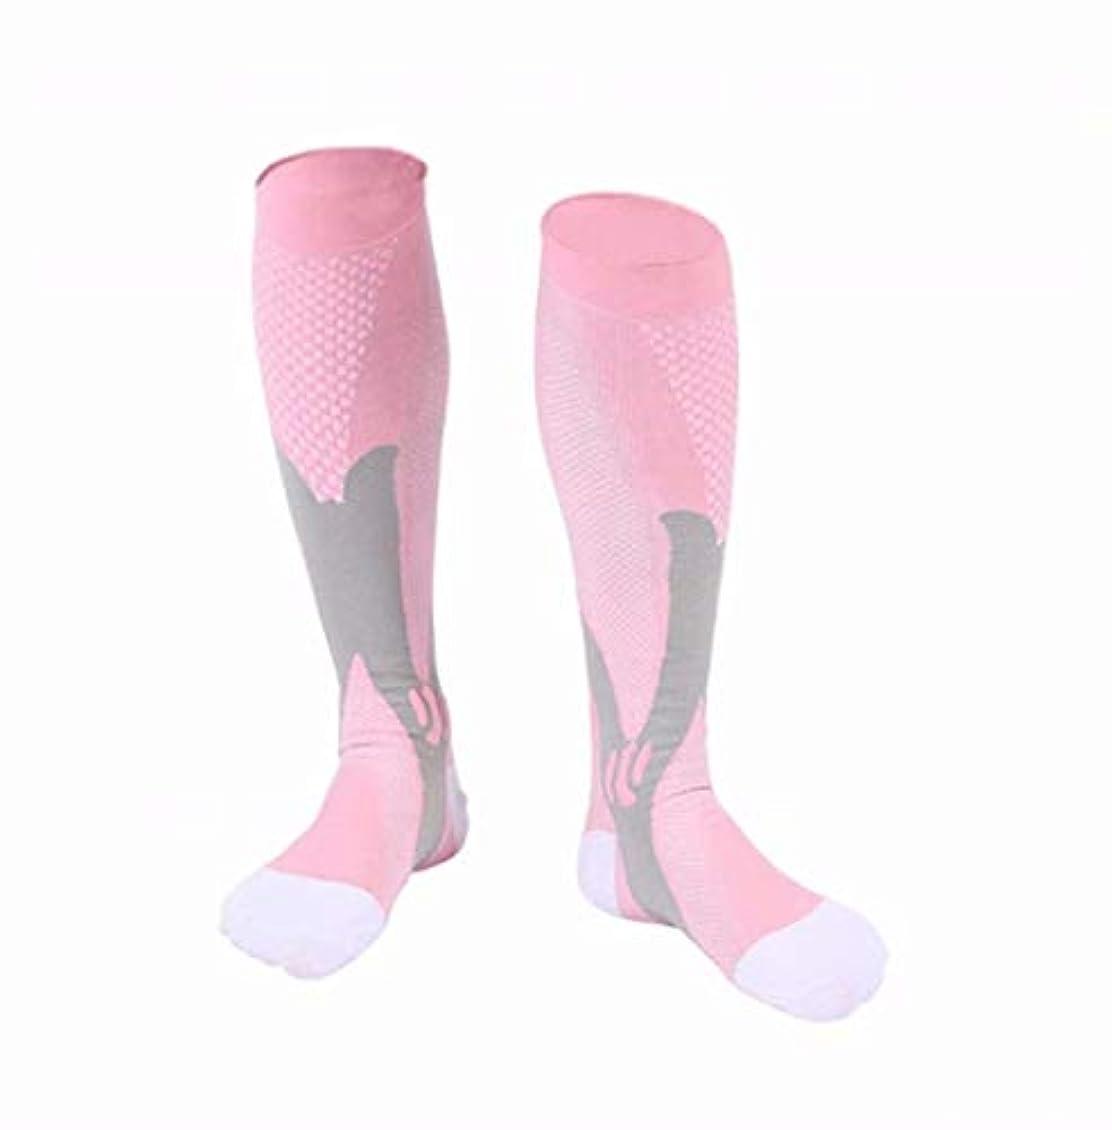 あえてコンデンサー常習的七里の香 圧縮靴下 医療ストッキングマタニティトラベル